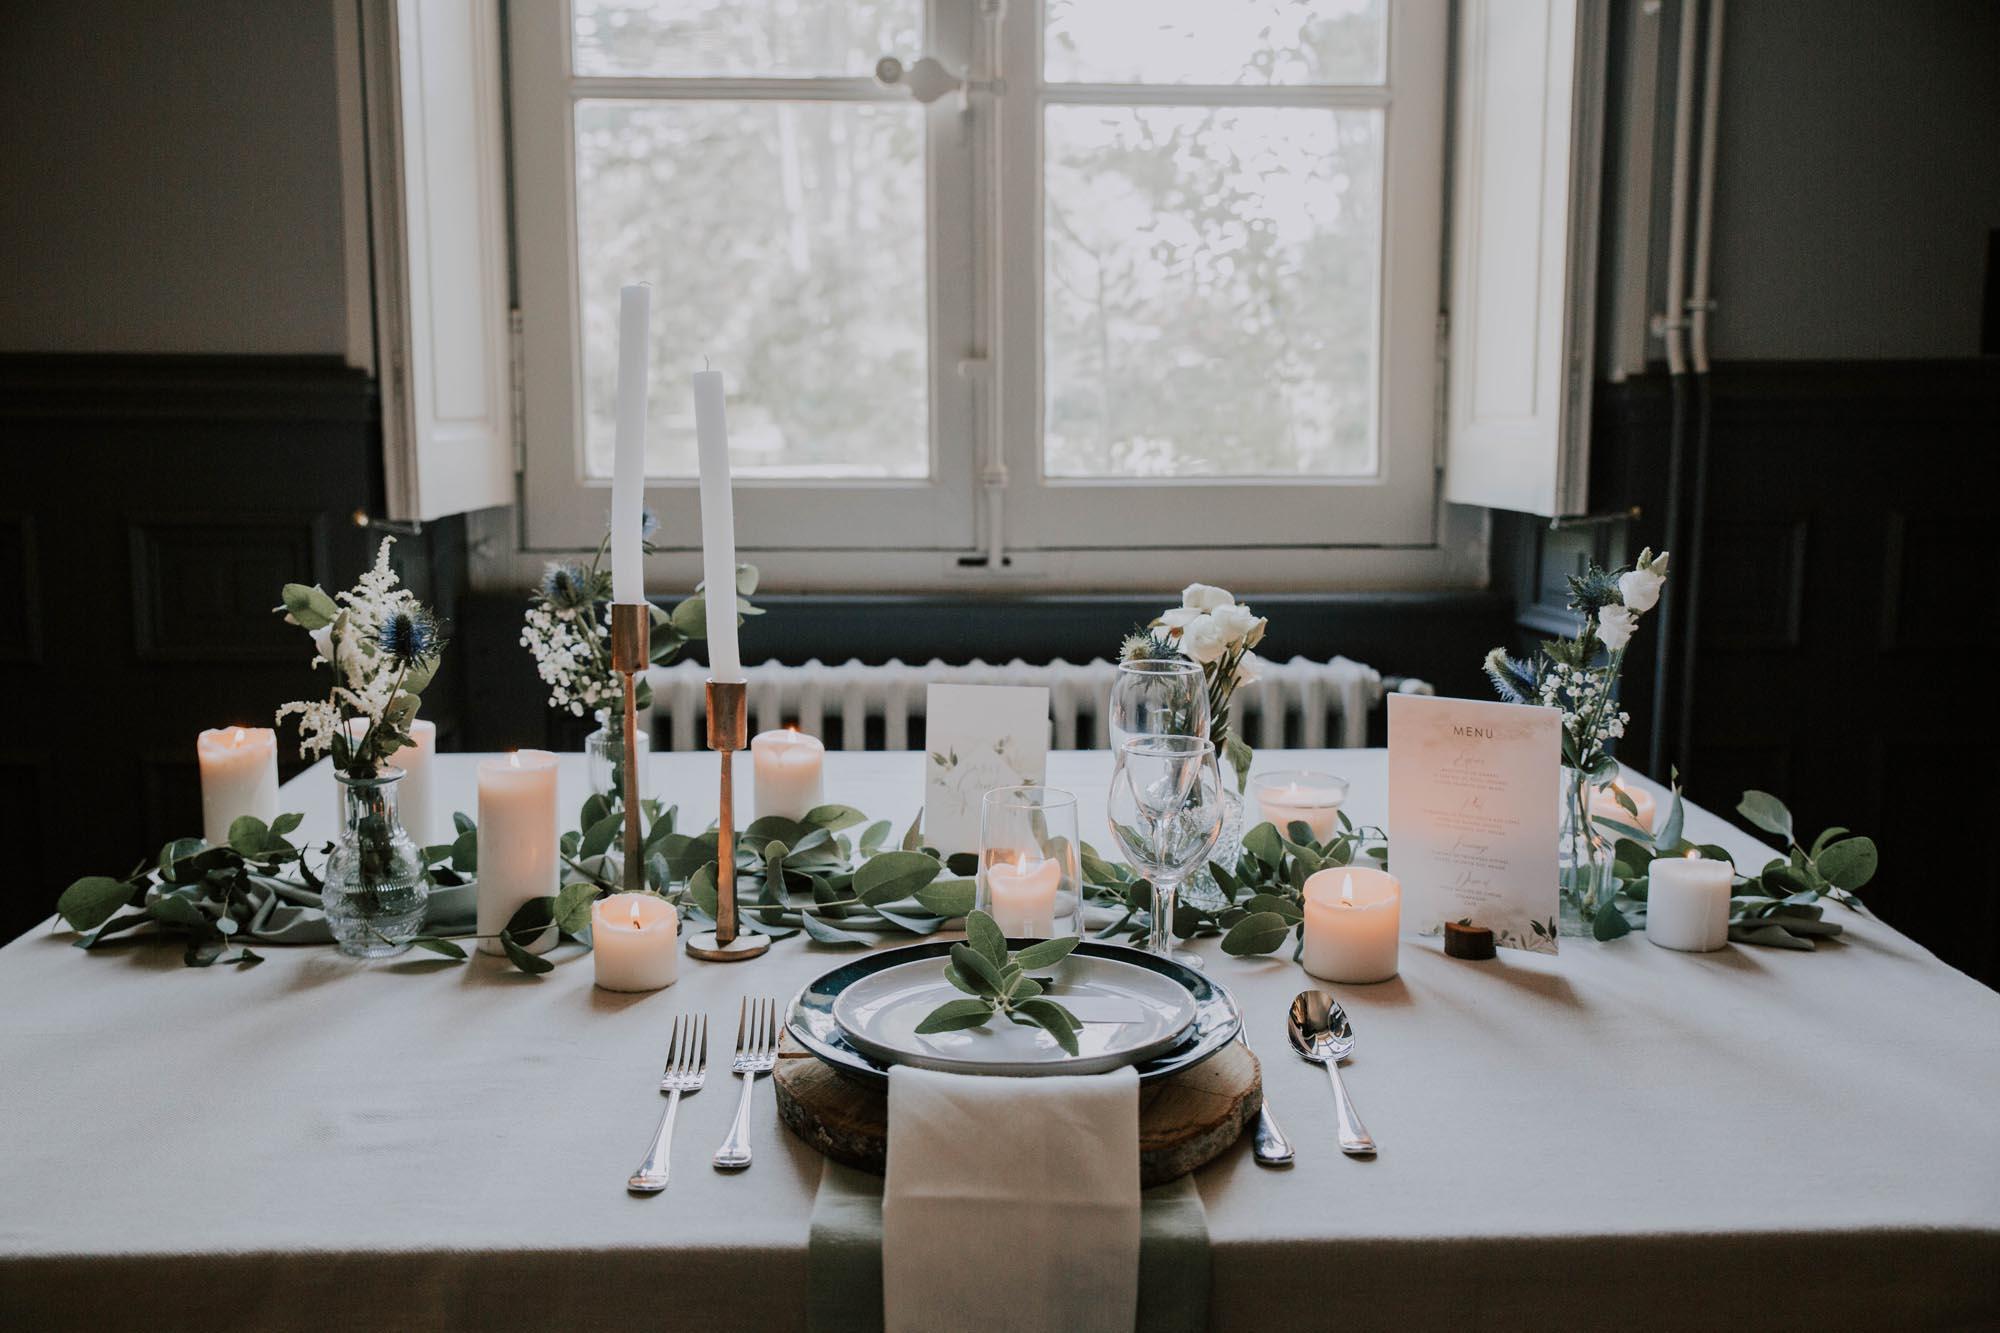 Décoration table mariage feuille eucalyptus vert blanc